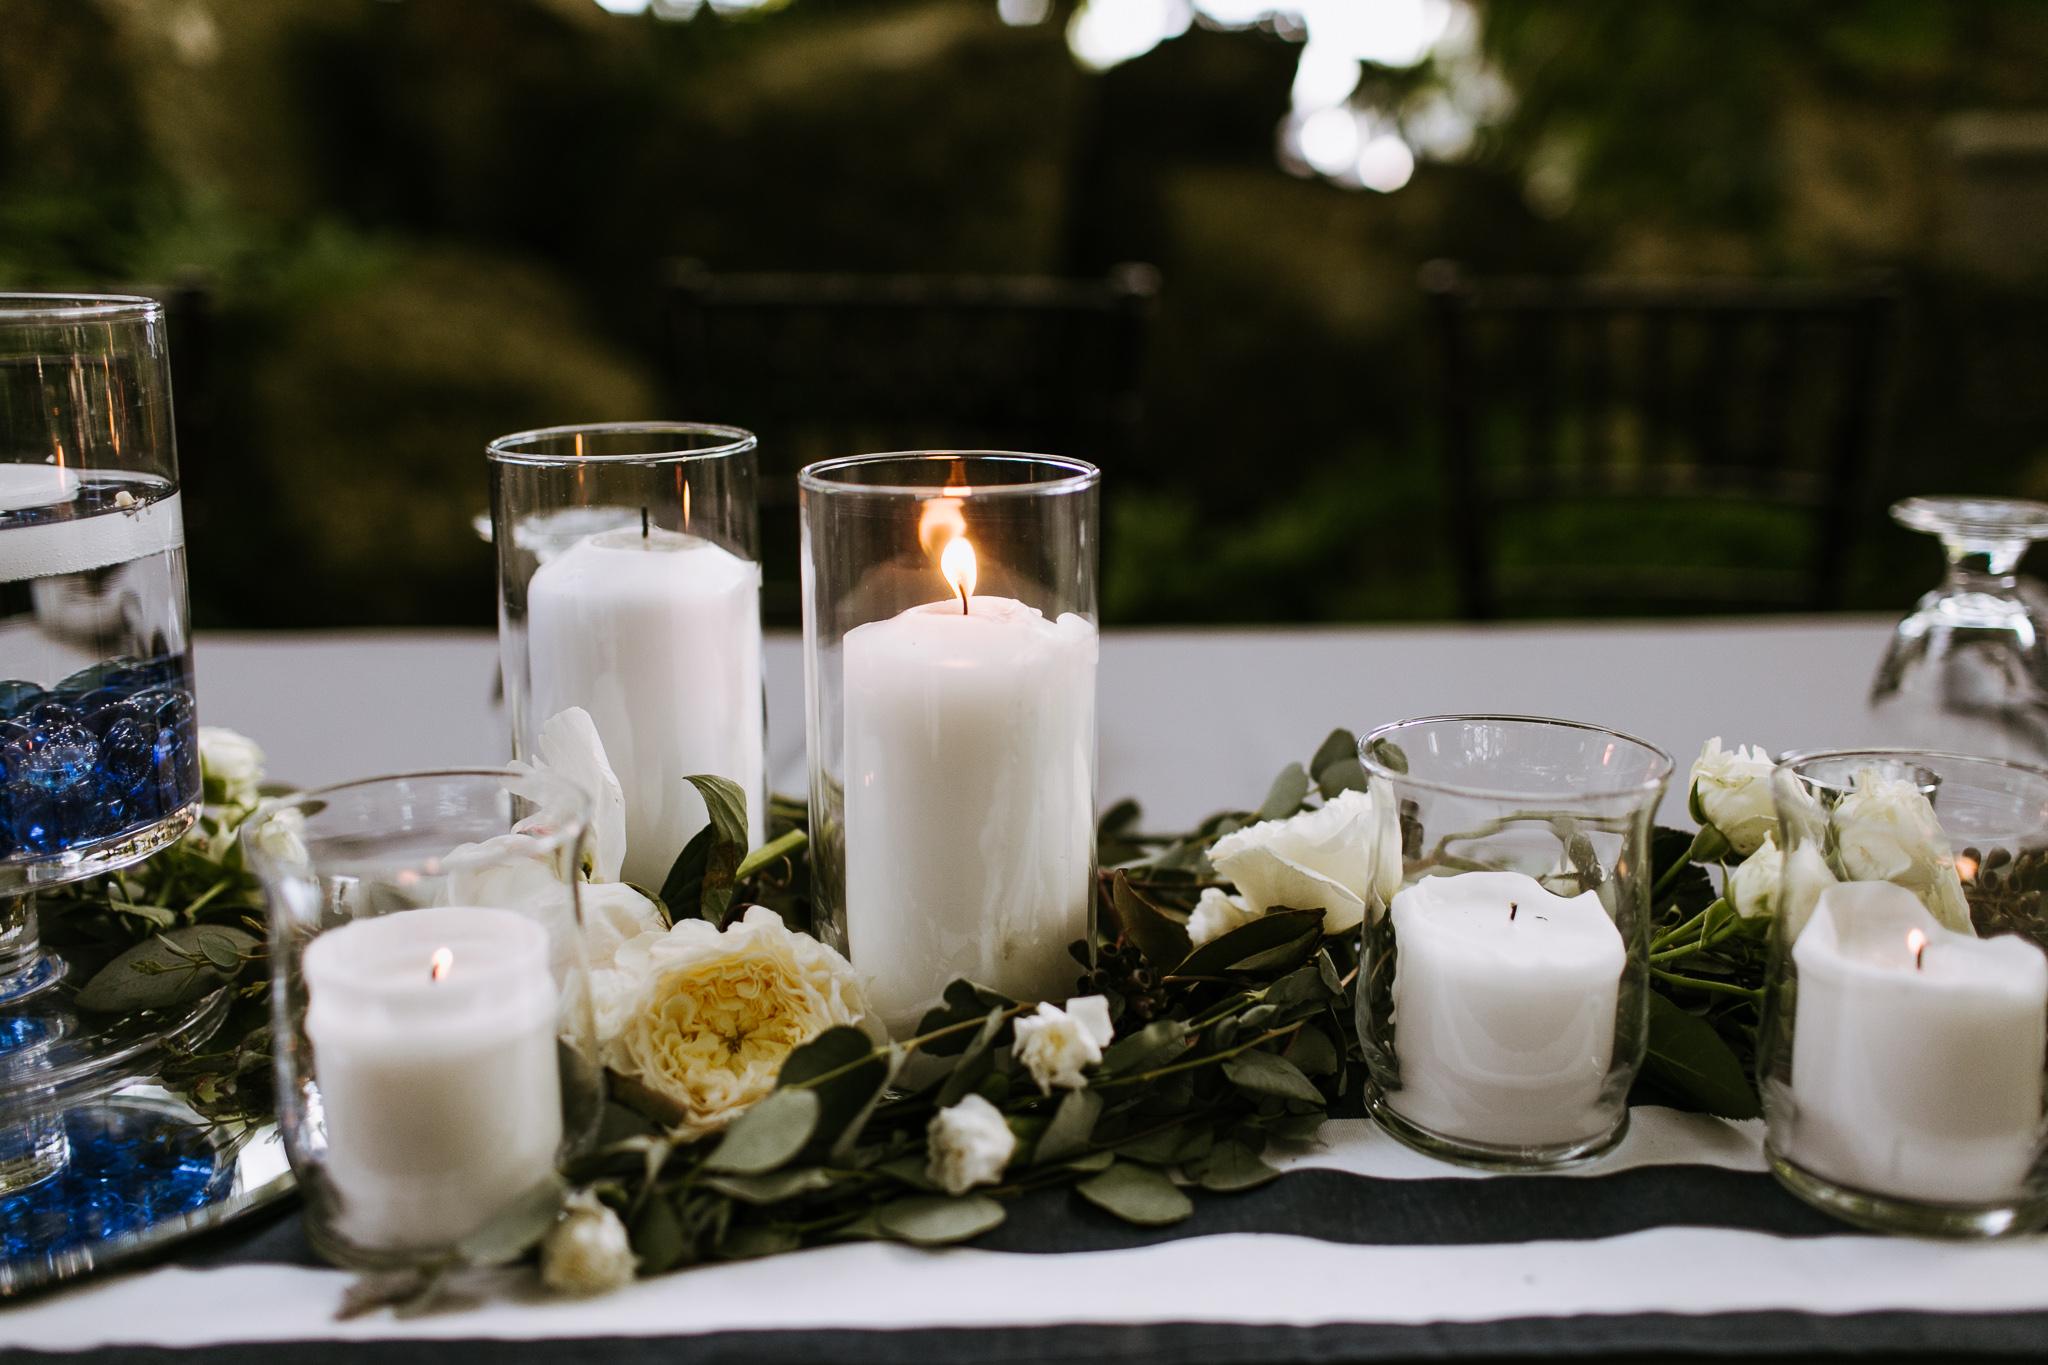 BayArea-Wedding-Photographer-55.jpg